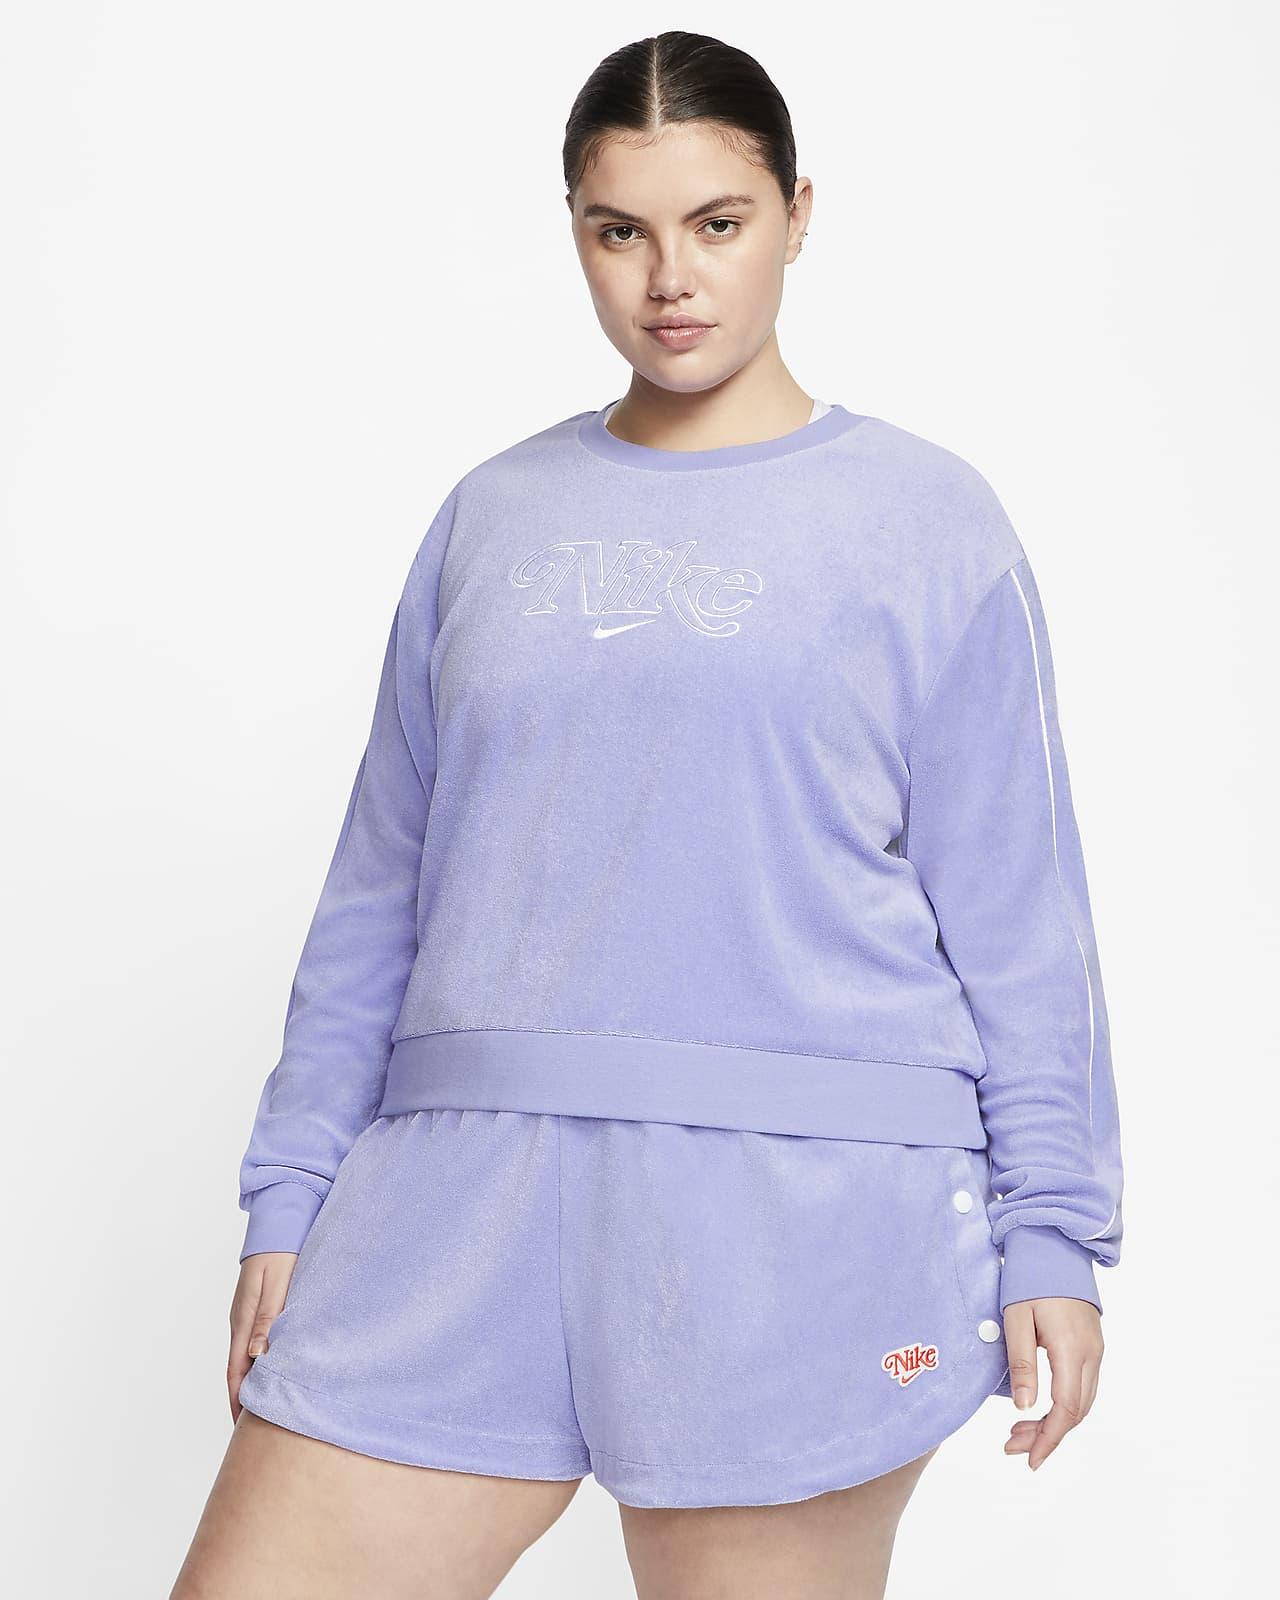 Nike Sportswear Women's French Terry Crew (Plus Size)